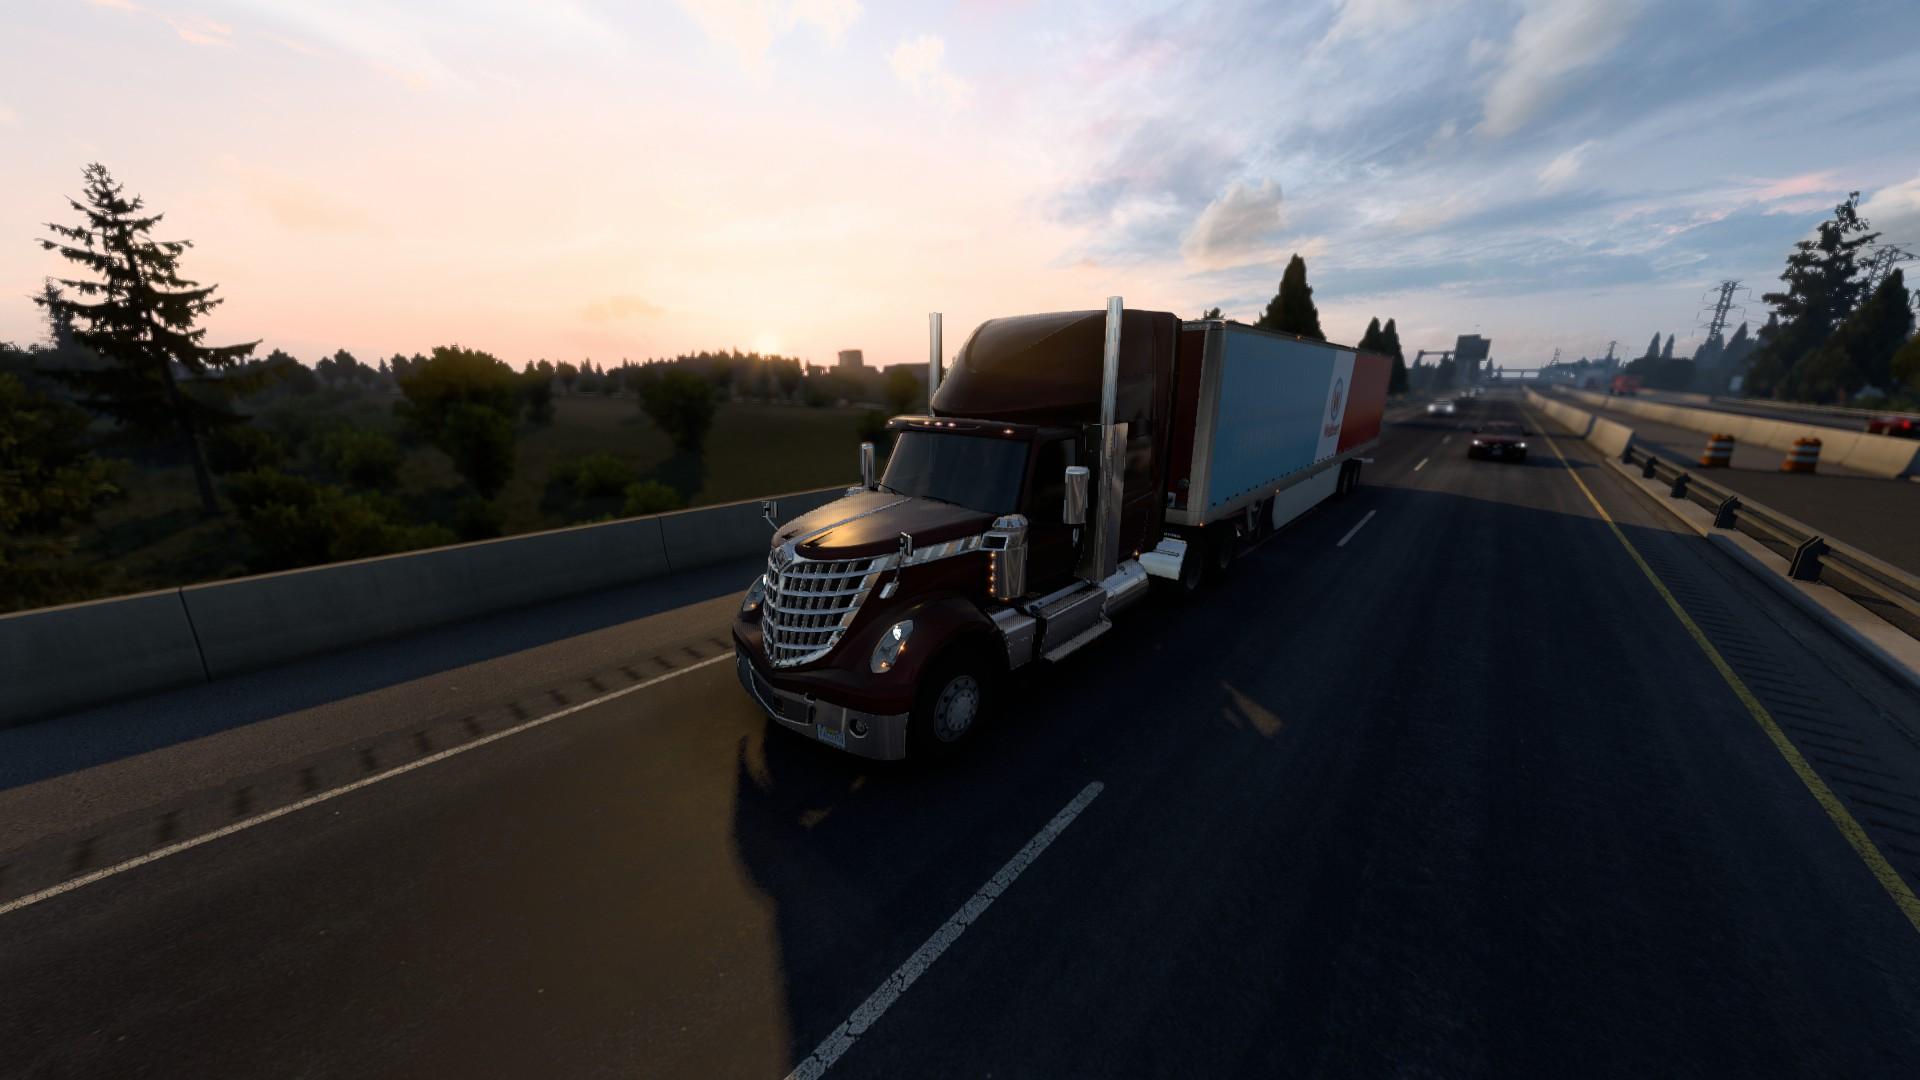 American Truck Simulator Update 1.40 Evening Shot 1